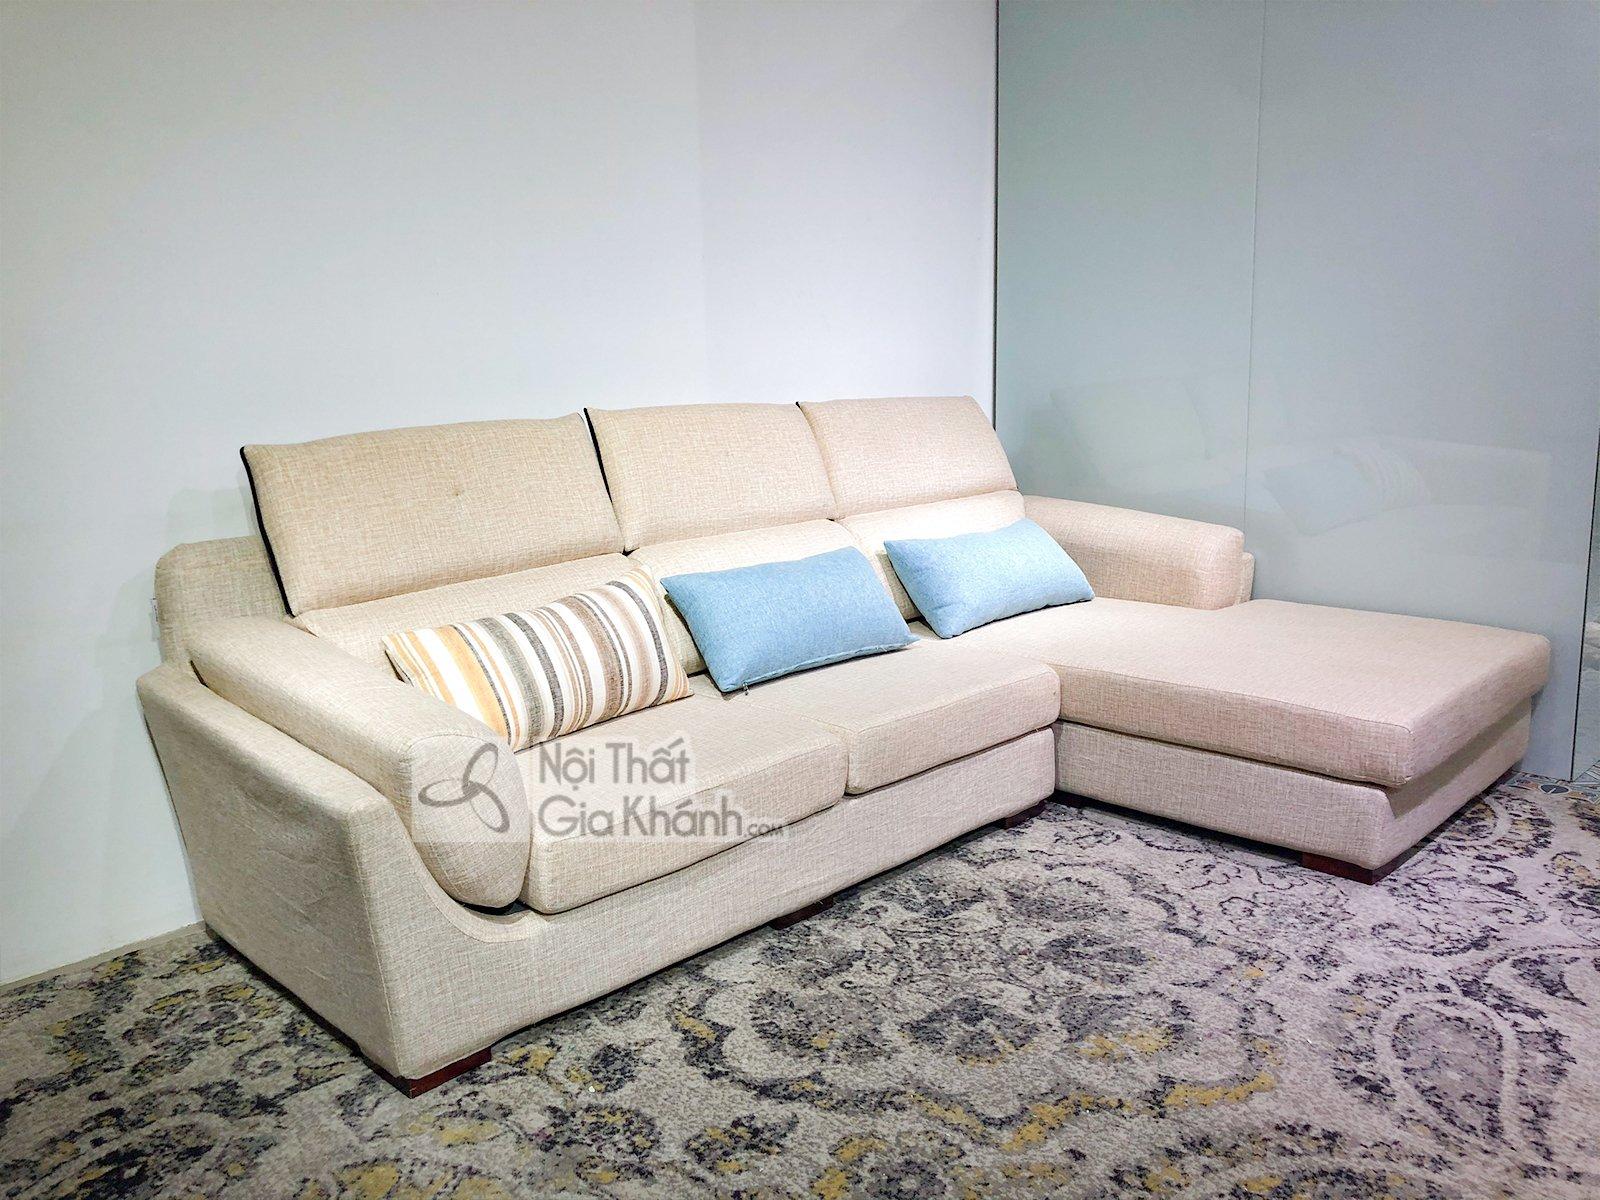 Sofa vải nỉ cao cấp nhập khẩu 2 băng 9001SF2GT - sofa chu l hien dai nhap khau cao cap ma 9001sf3gp 5